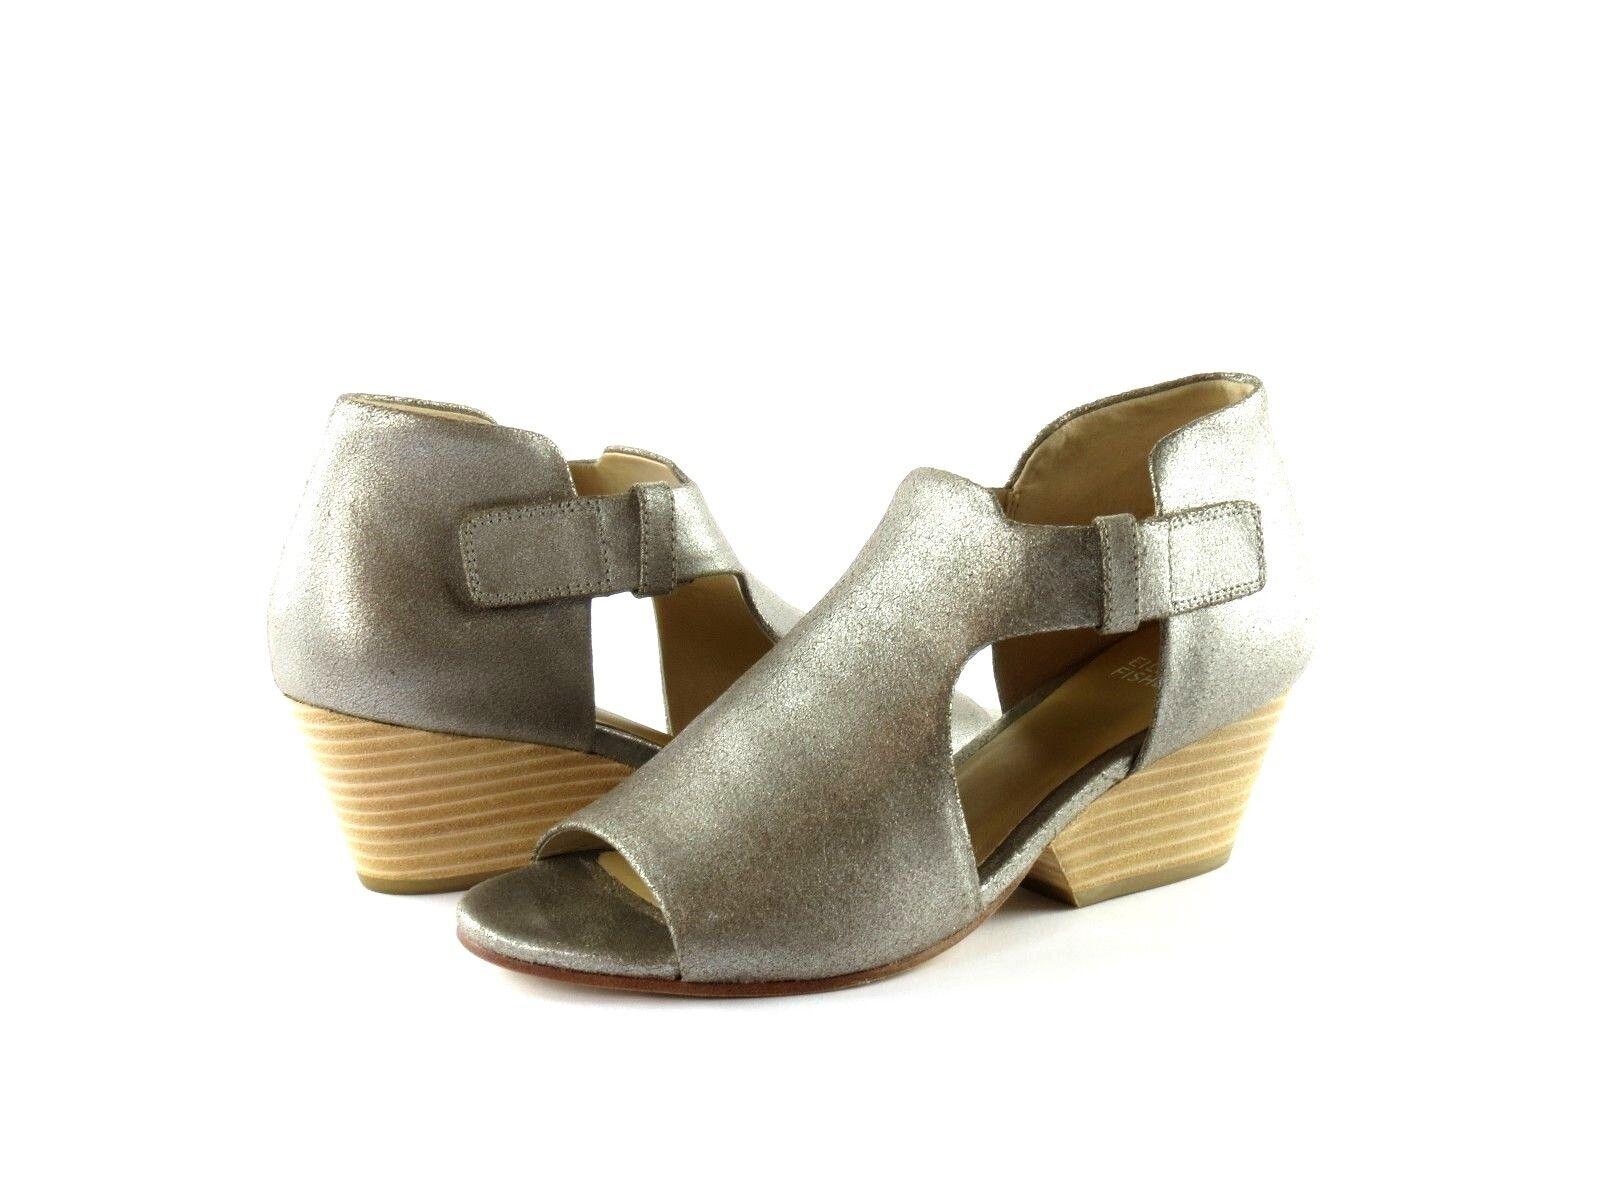 Eileen Fisher Iris Platinum Metallic Suede Stacked Heel Open Toe Sandal Size 7.5